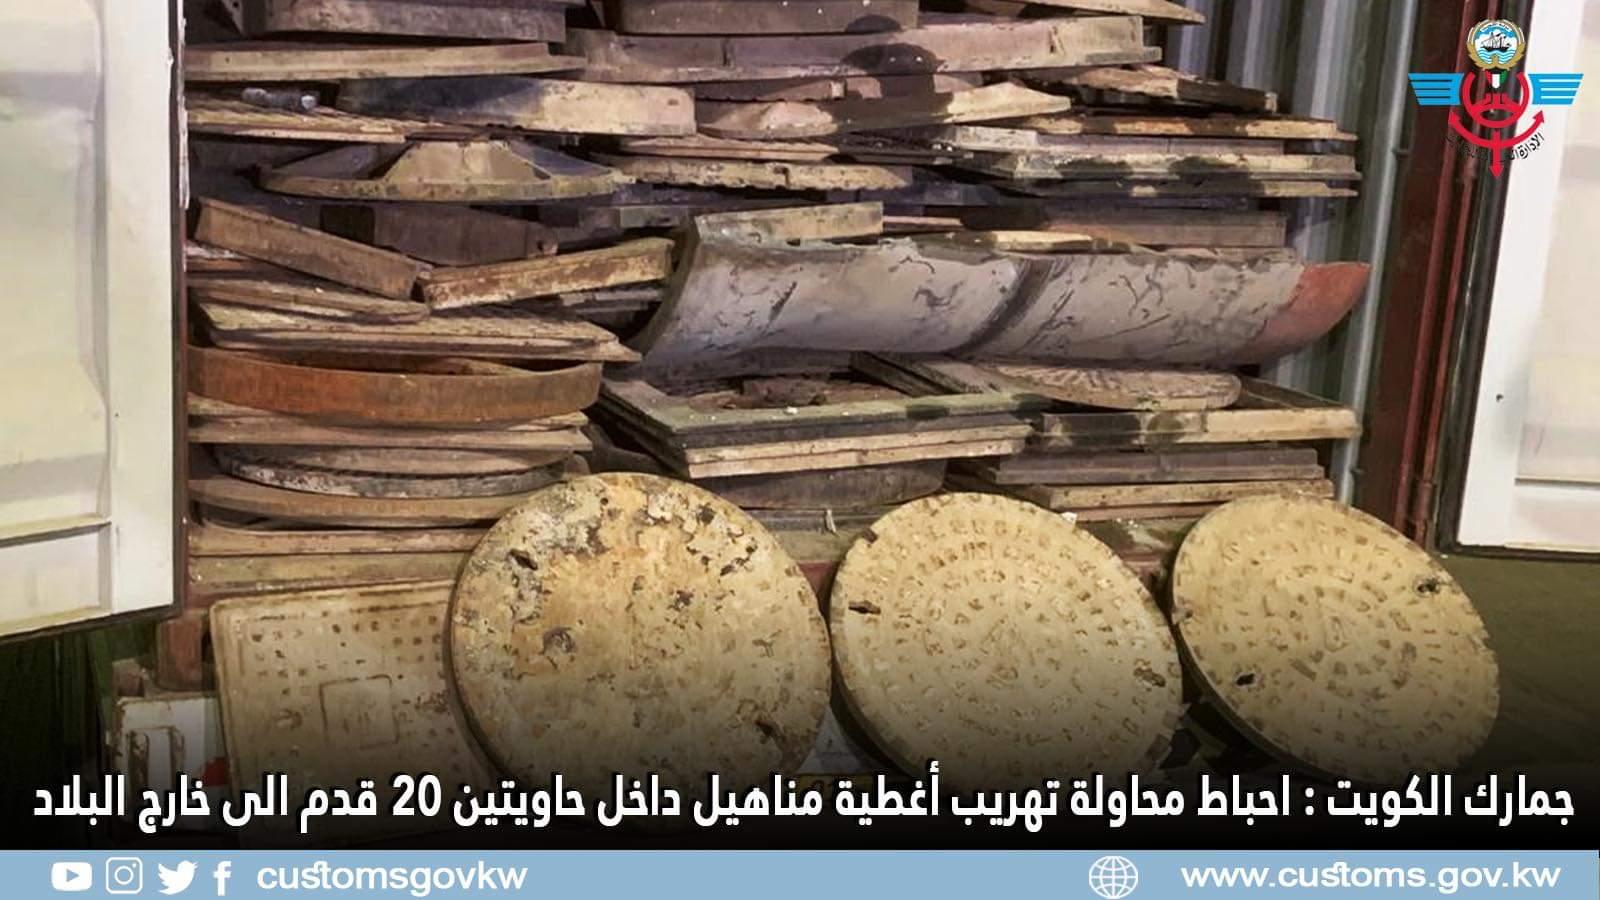 جمارك الكويت : احباط محاولة تهريب أغطية مناهيل داخل حاويتين 20 قدم الى خارج البلاد